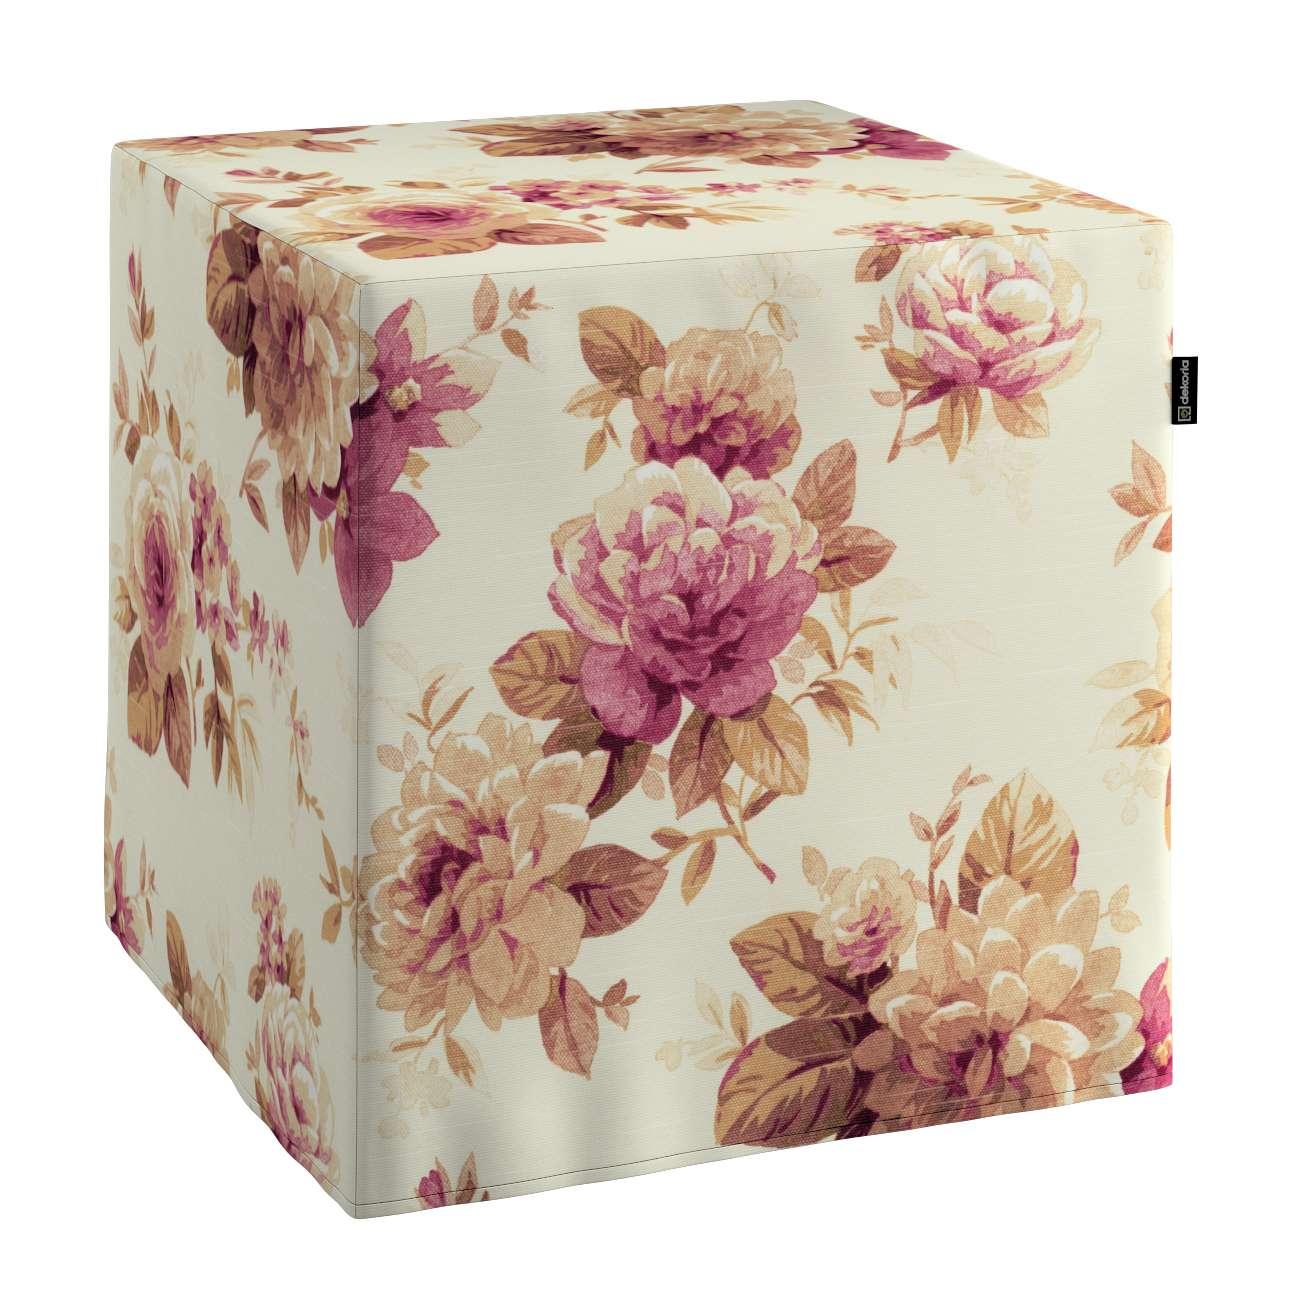 Pokrowiec na pufę kostke kostka 40x40x40 cm w kolekcji Mirella, tkanina: 141-06